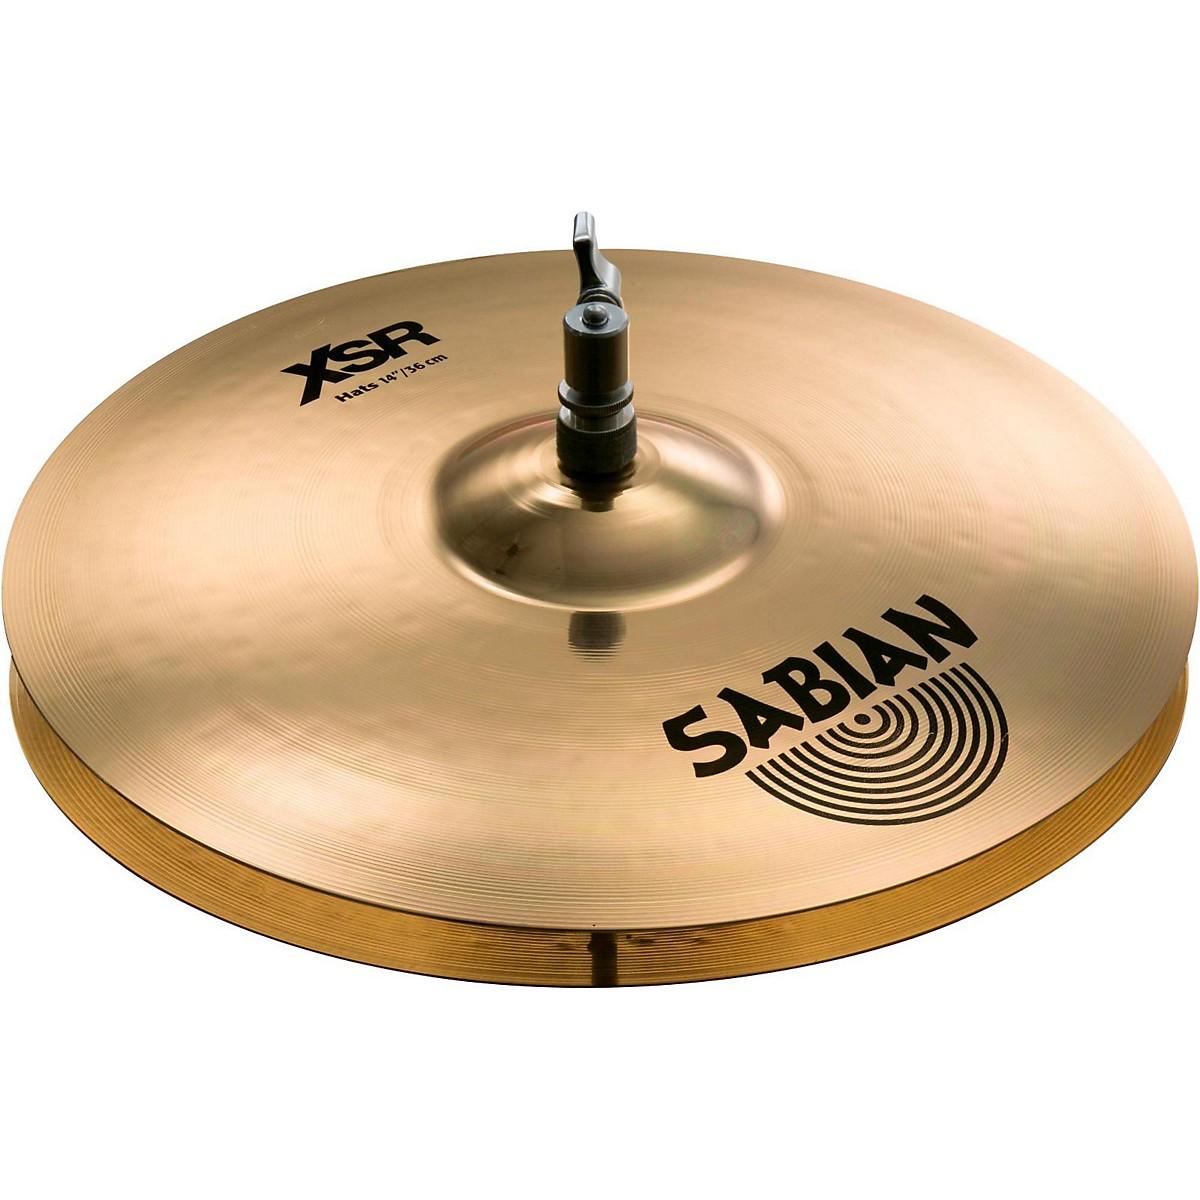 Sabian XSR Series Hi-Hats